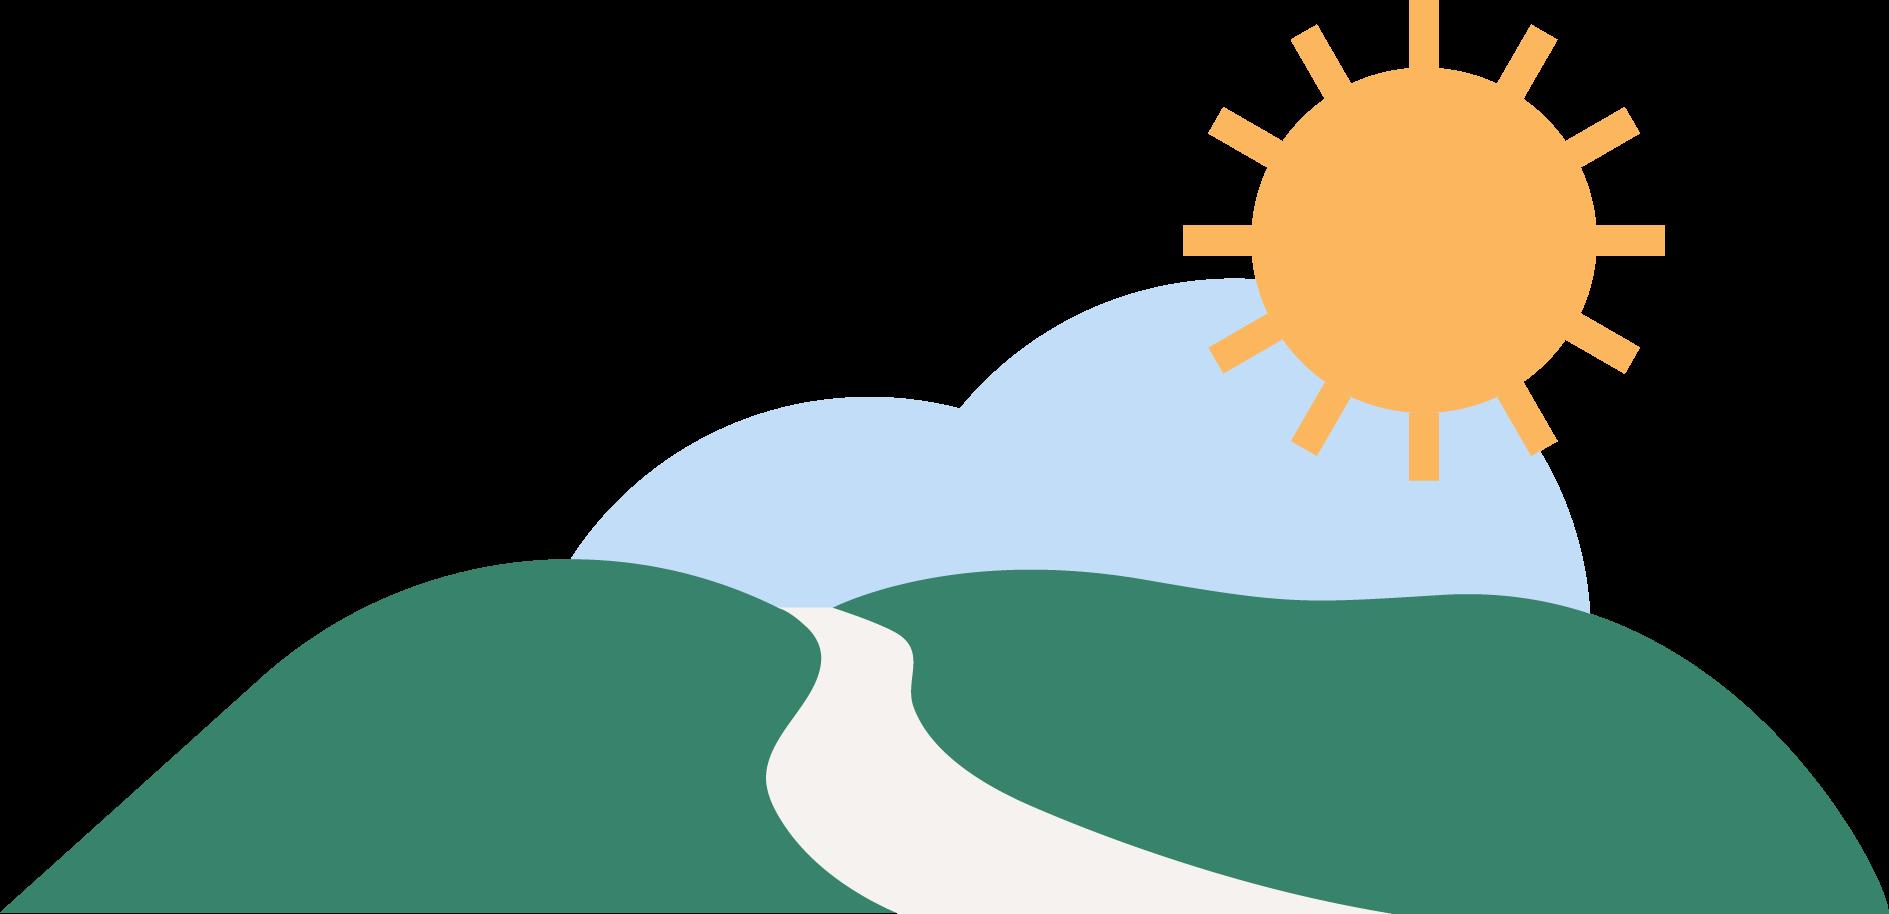 river-sun icon